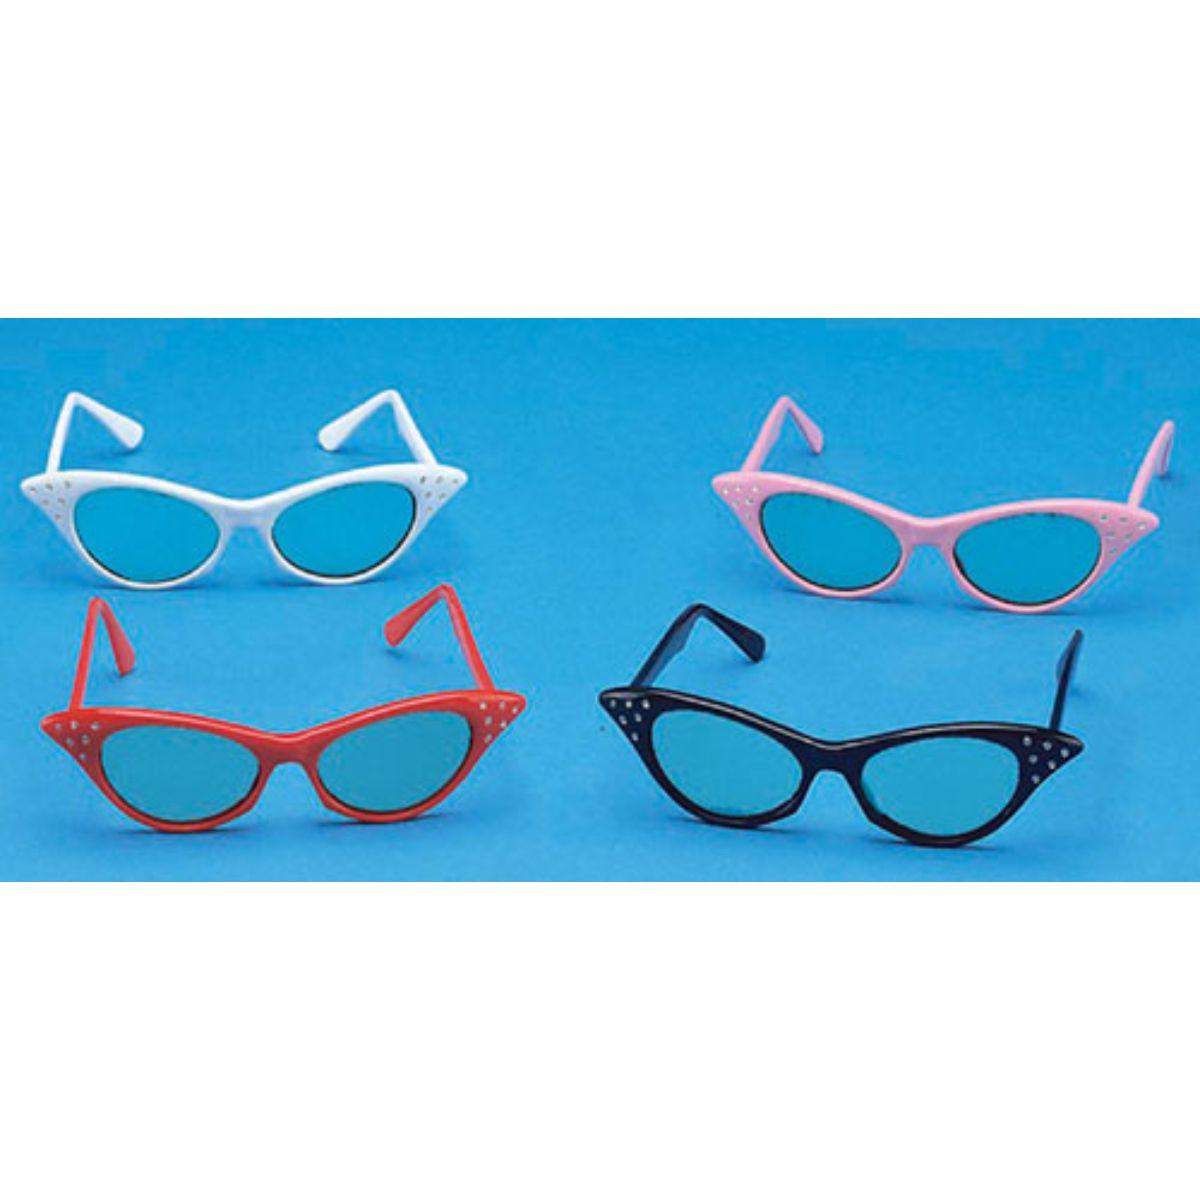 Cruisin USA 27336 Catseye Glasses White